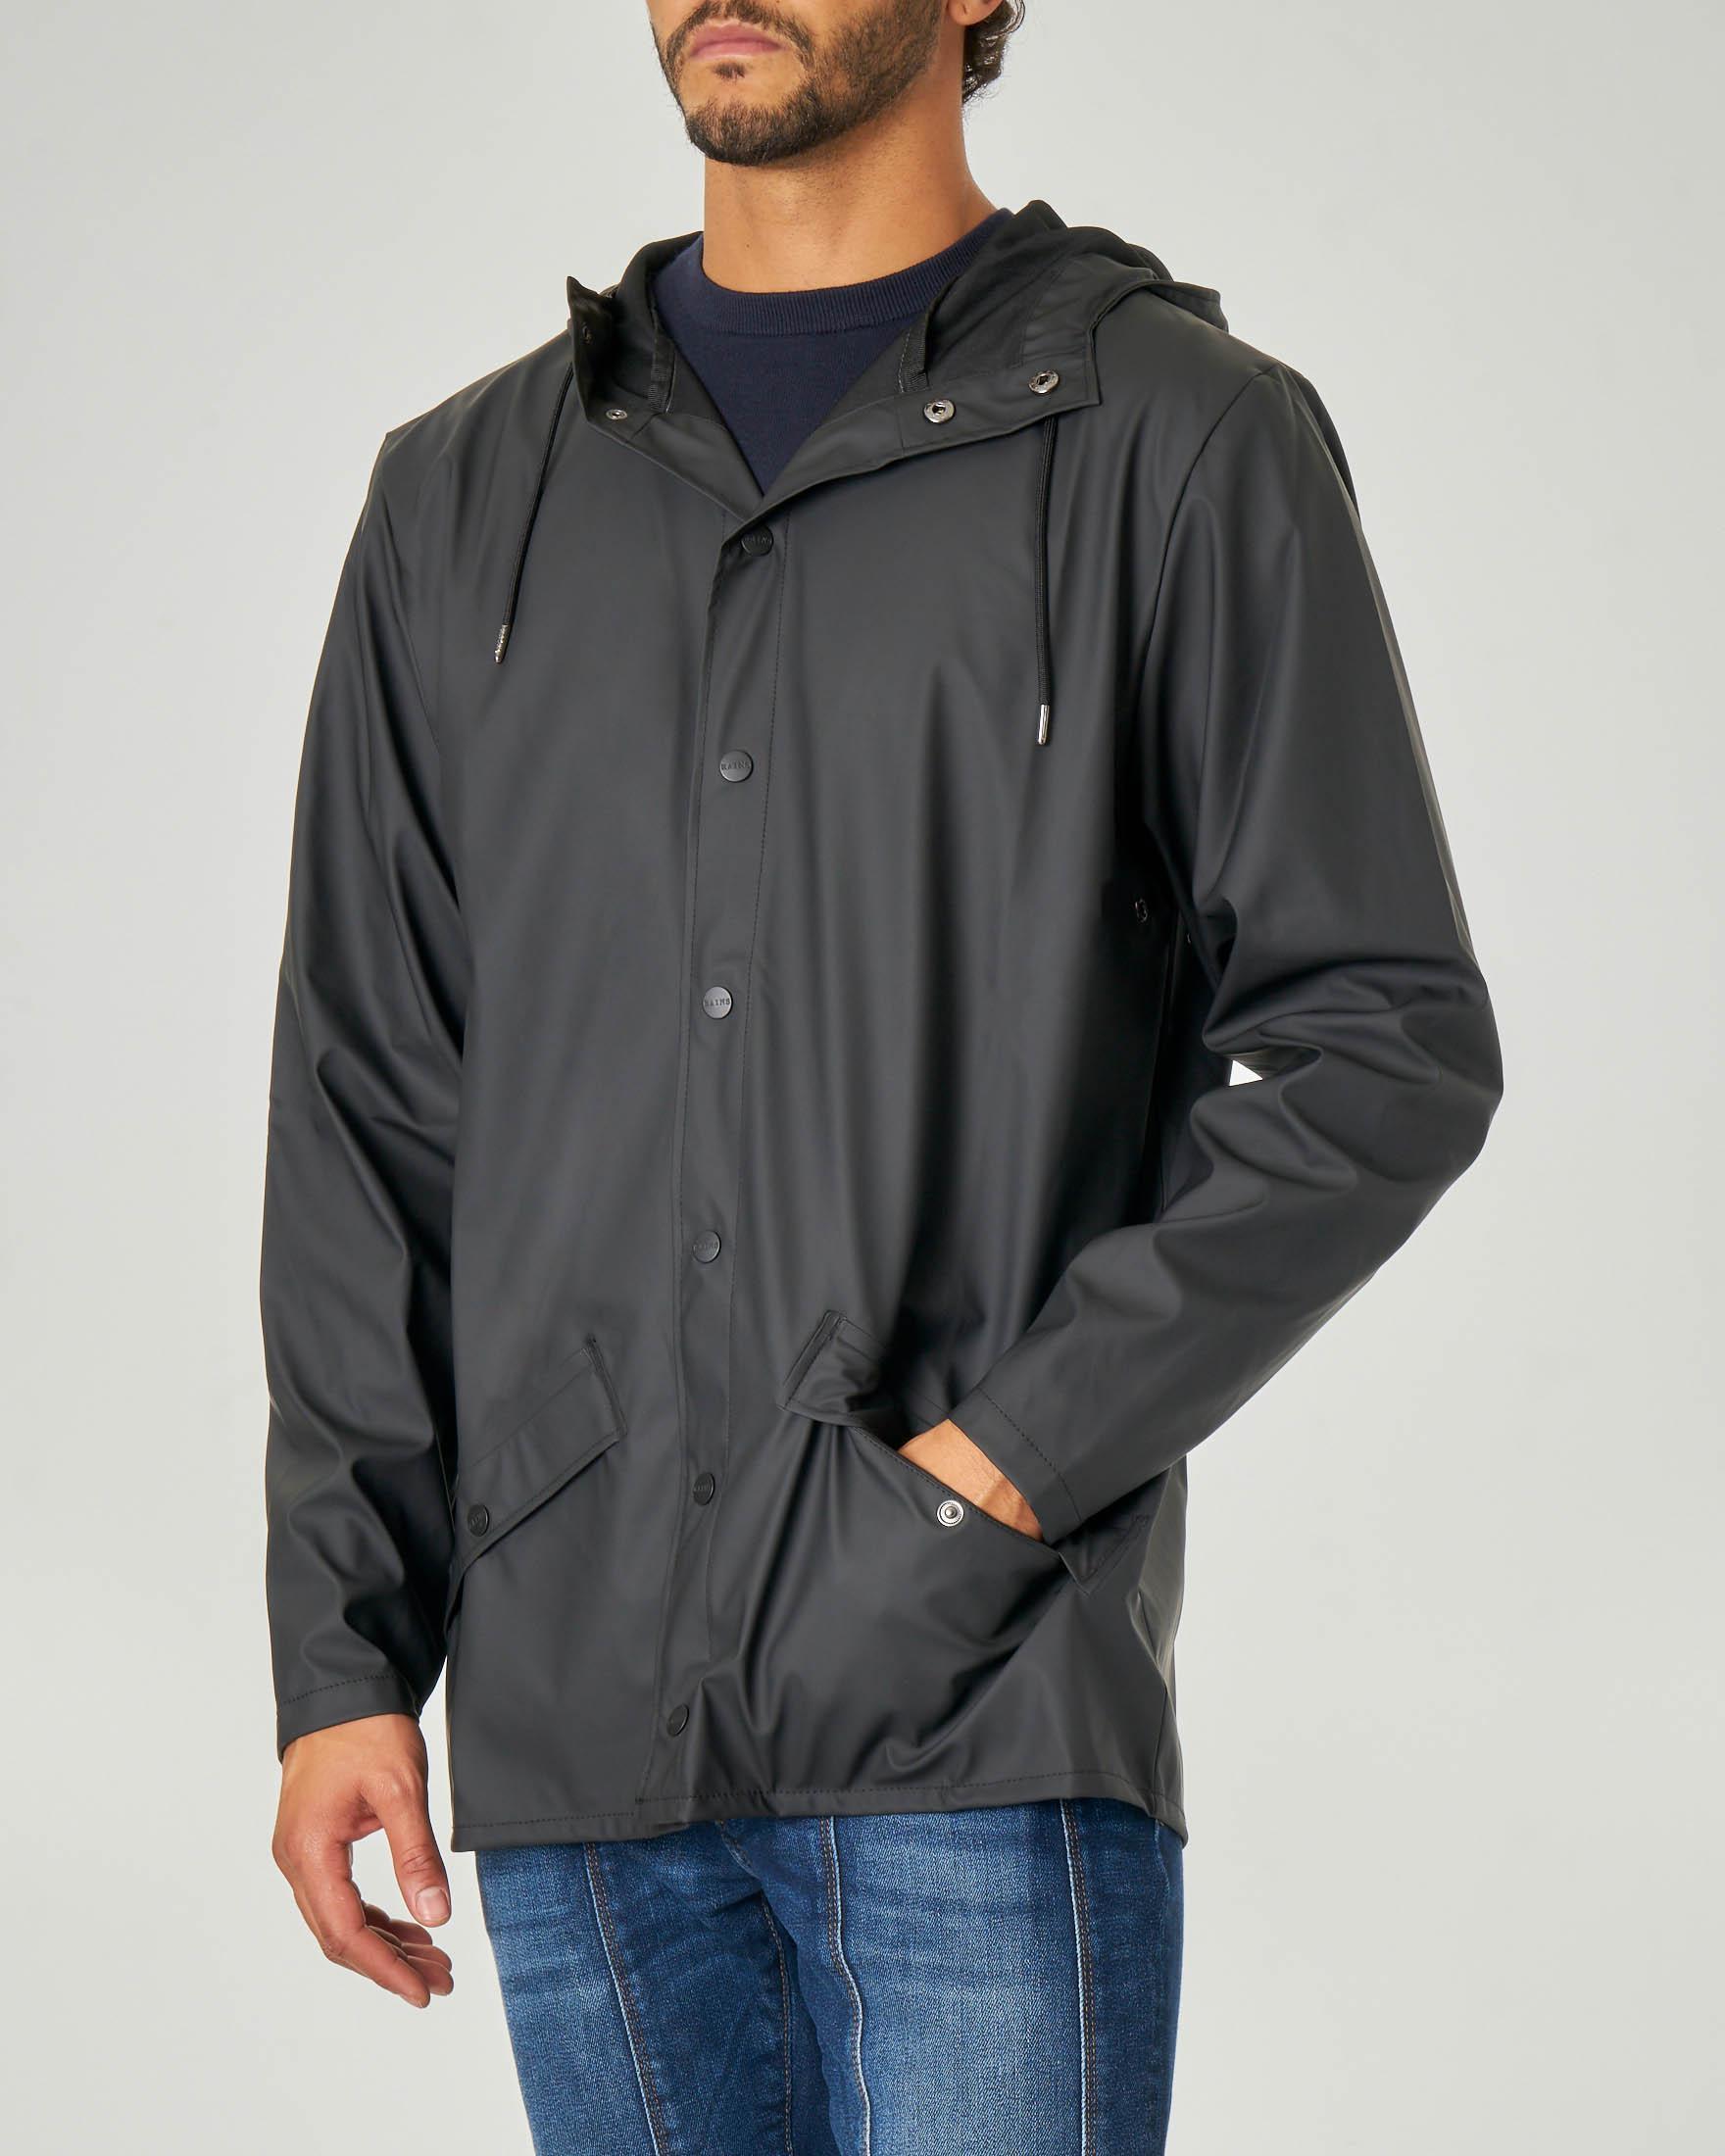 Impermeabile Jacket nero